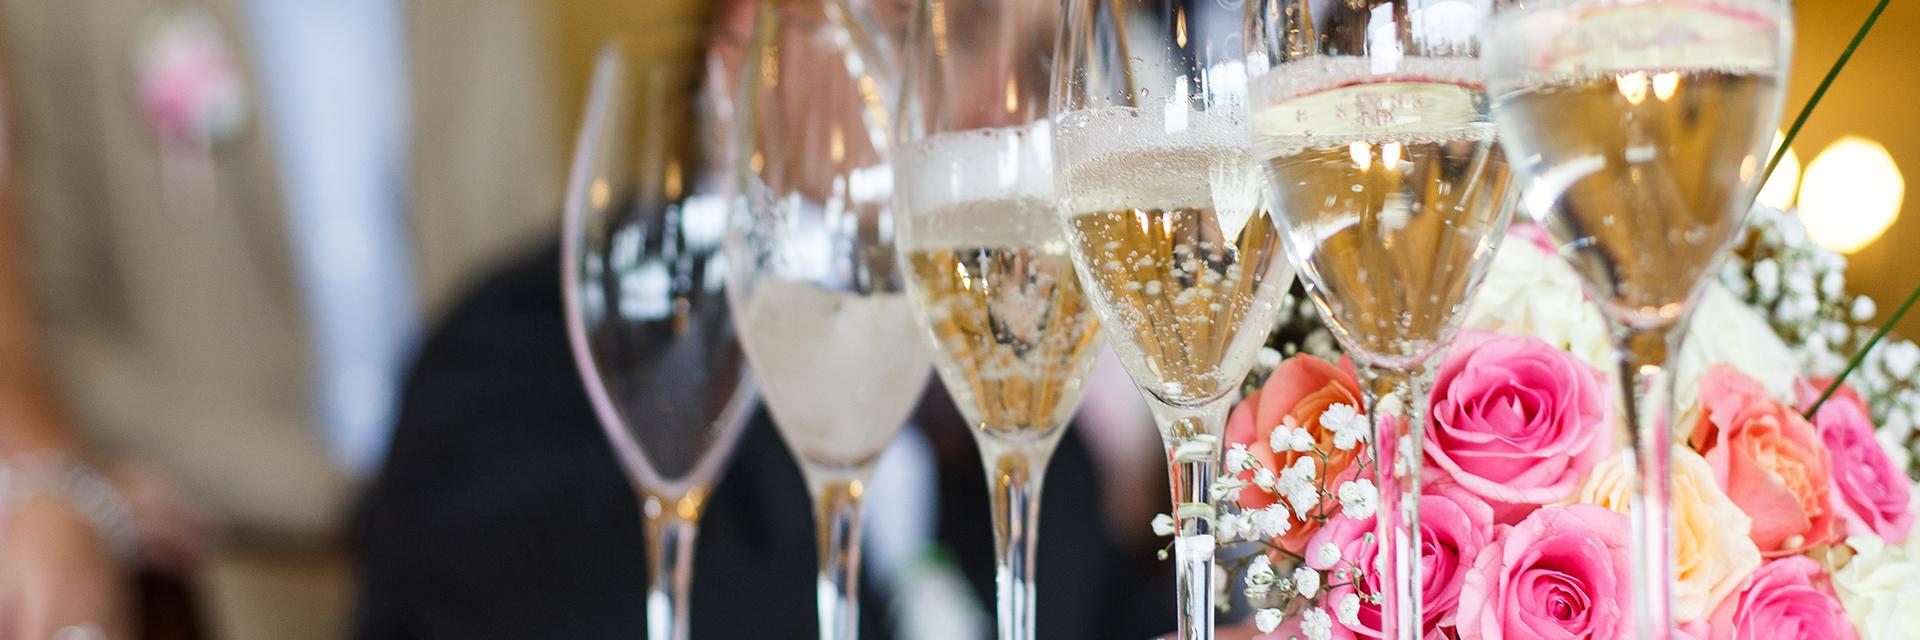 Sekt Champagner Online kaufen